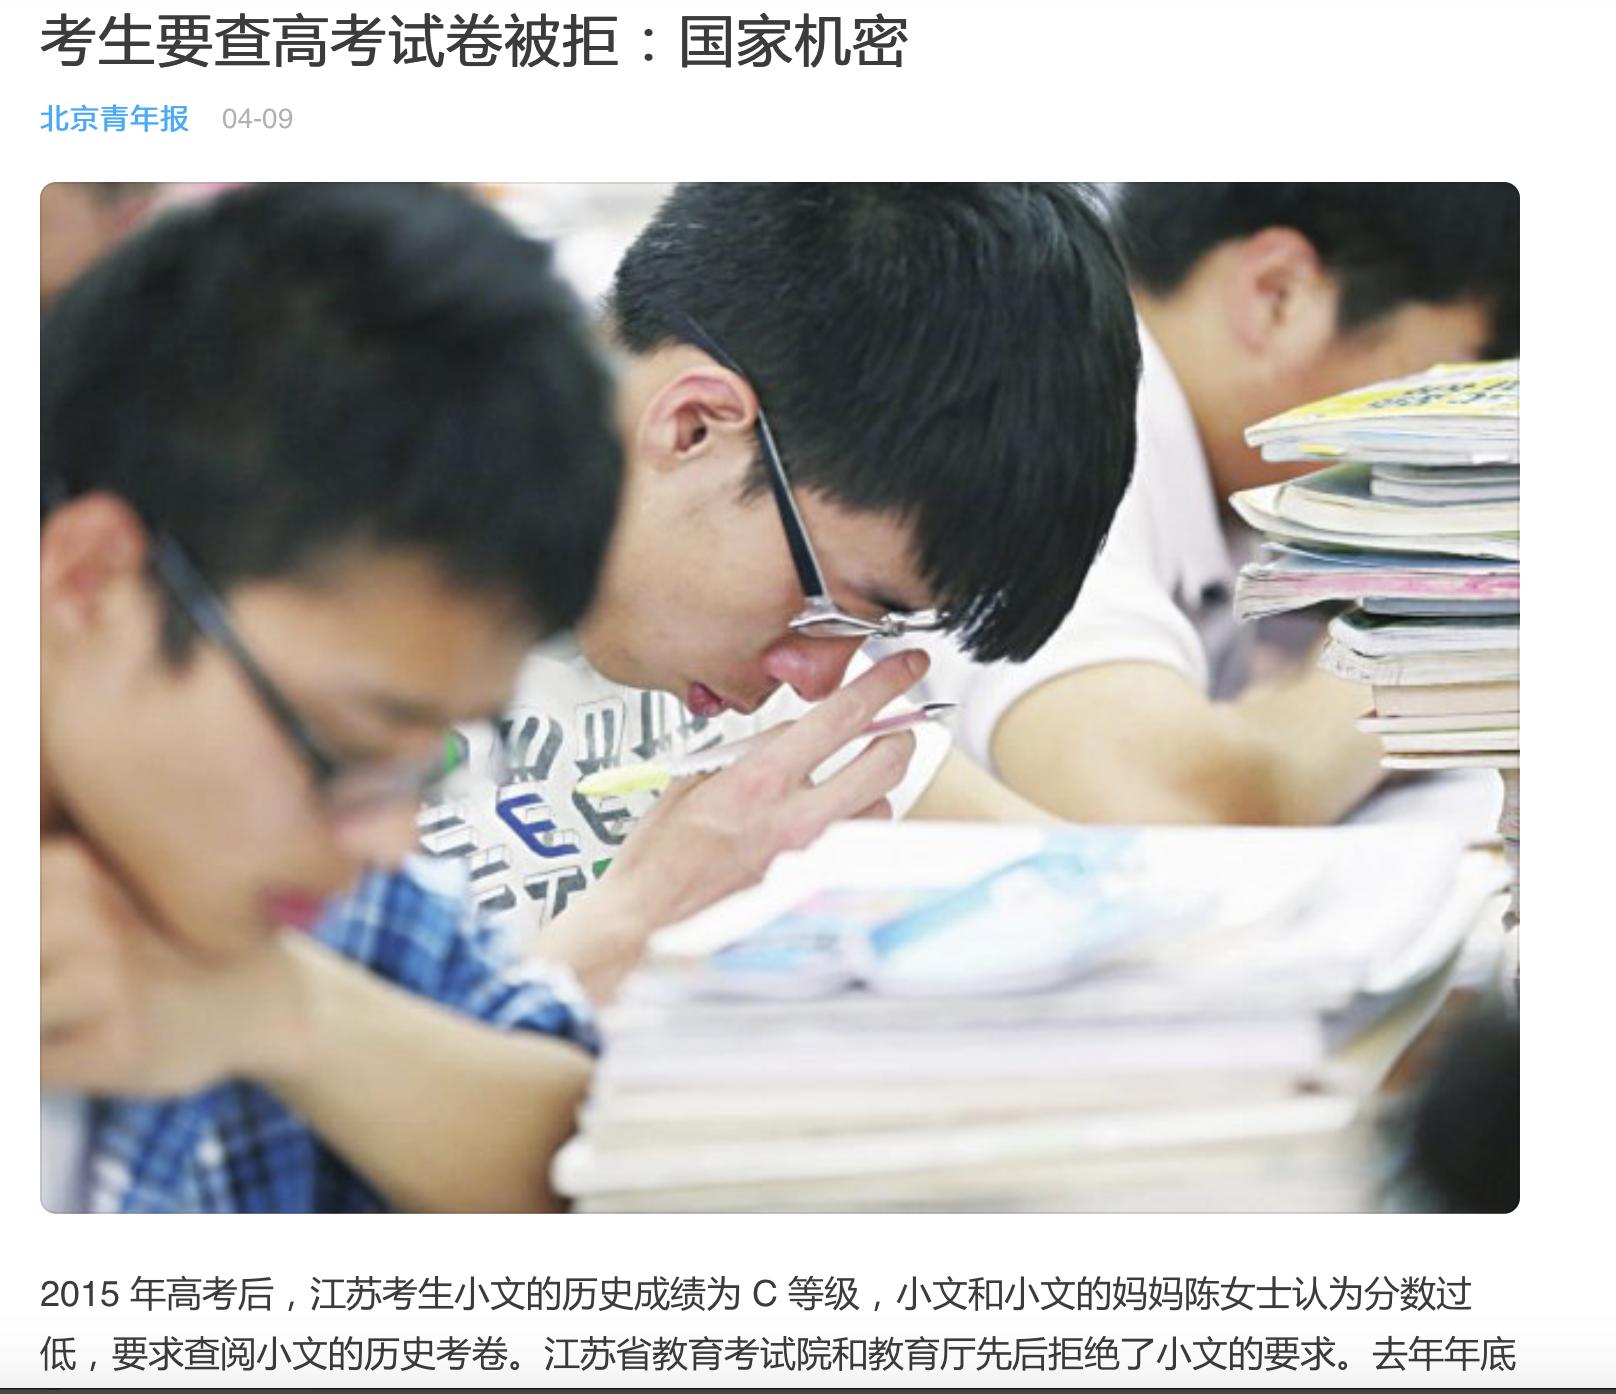 虹野:每次公共事件都是一次社会教育——高考试卷是可以核查的